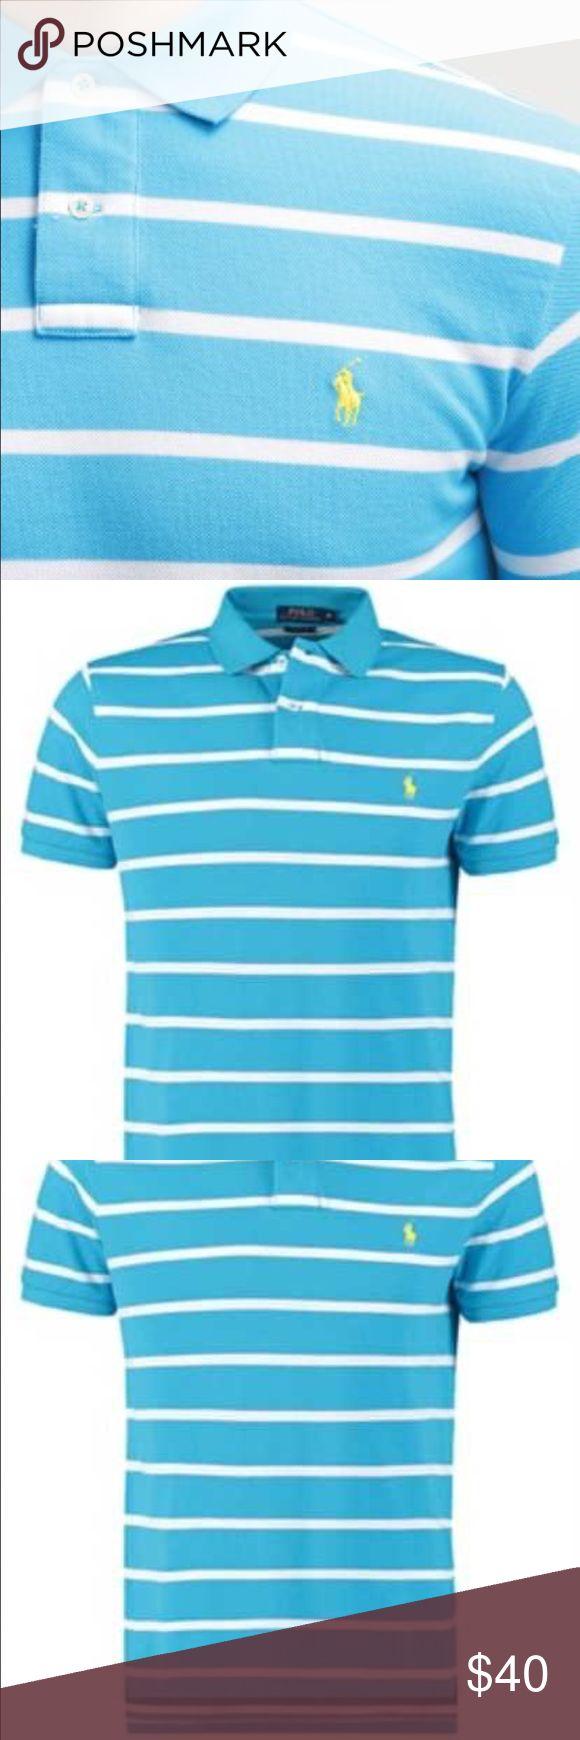 NEW Polo Ralph Lauren XXL 2XL Shirt Striped Brand New w/Tags Polo Shirt - Polo Ralph Lauren with Yellow Pony / Rider Polo by Ralph Lauren Shirts Polos